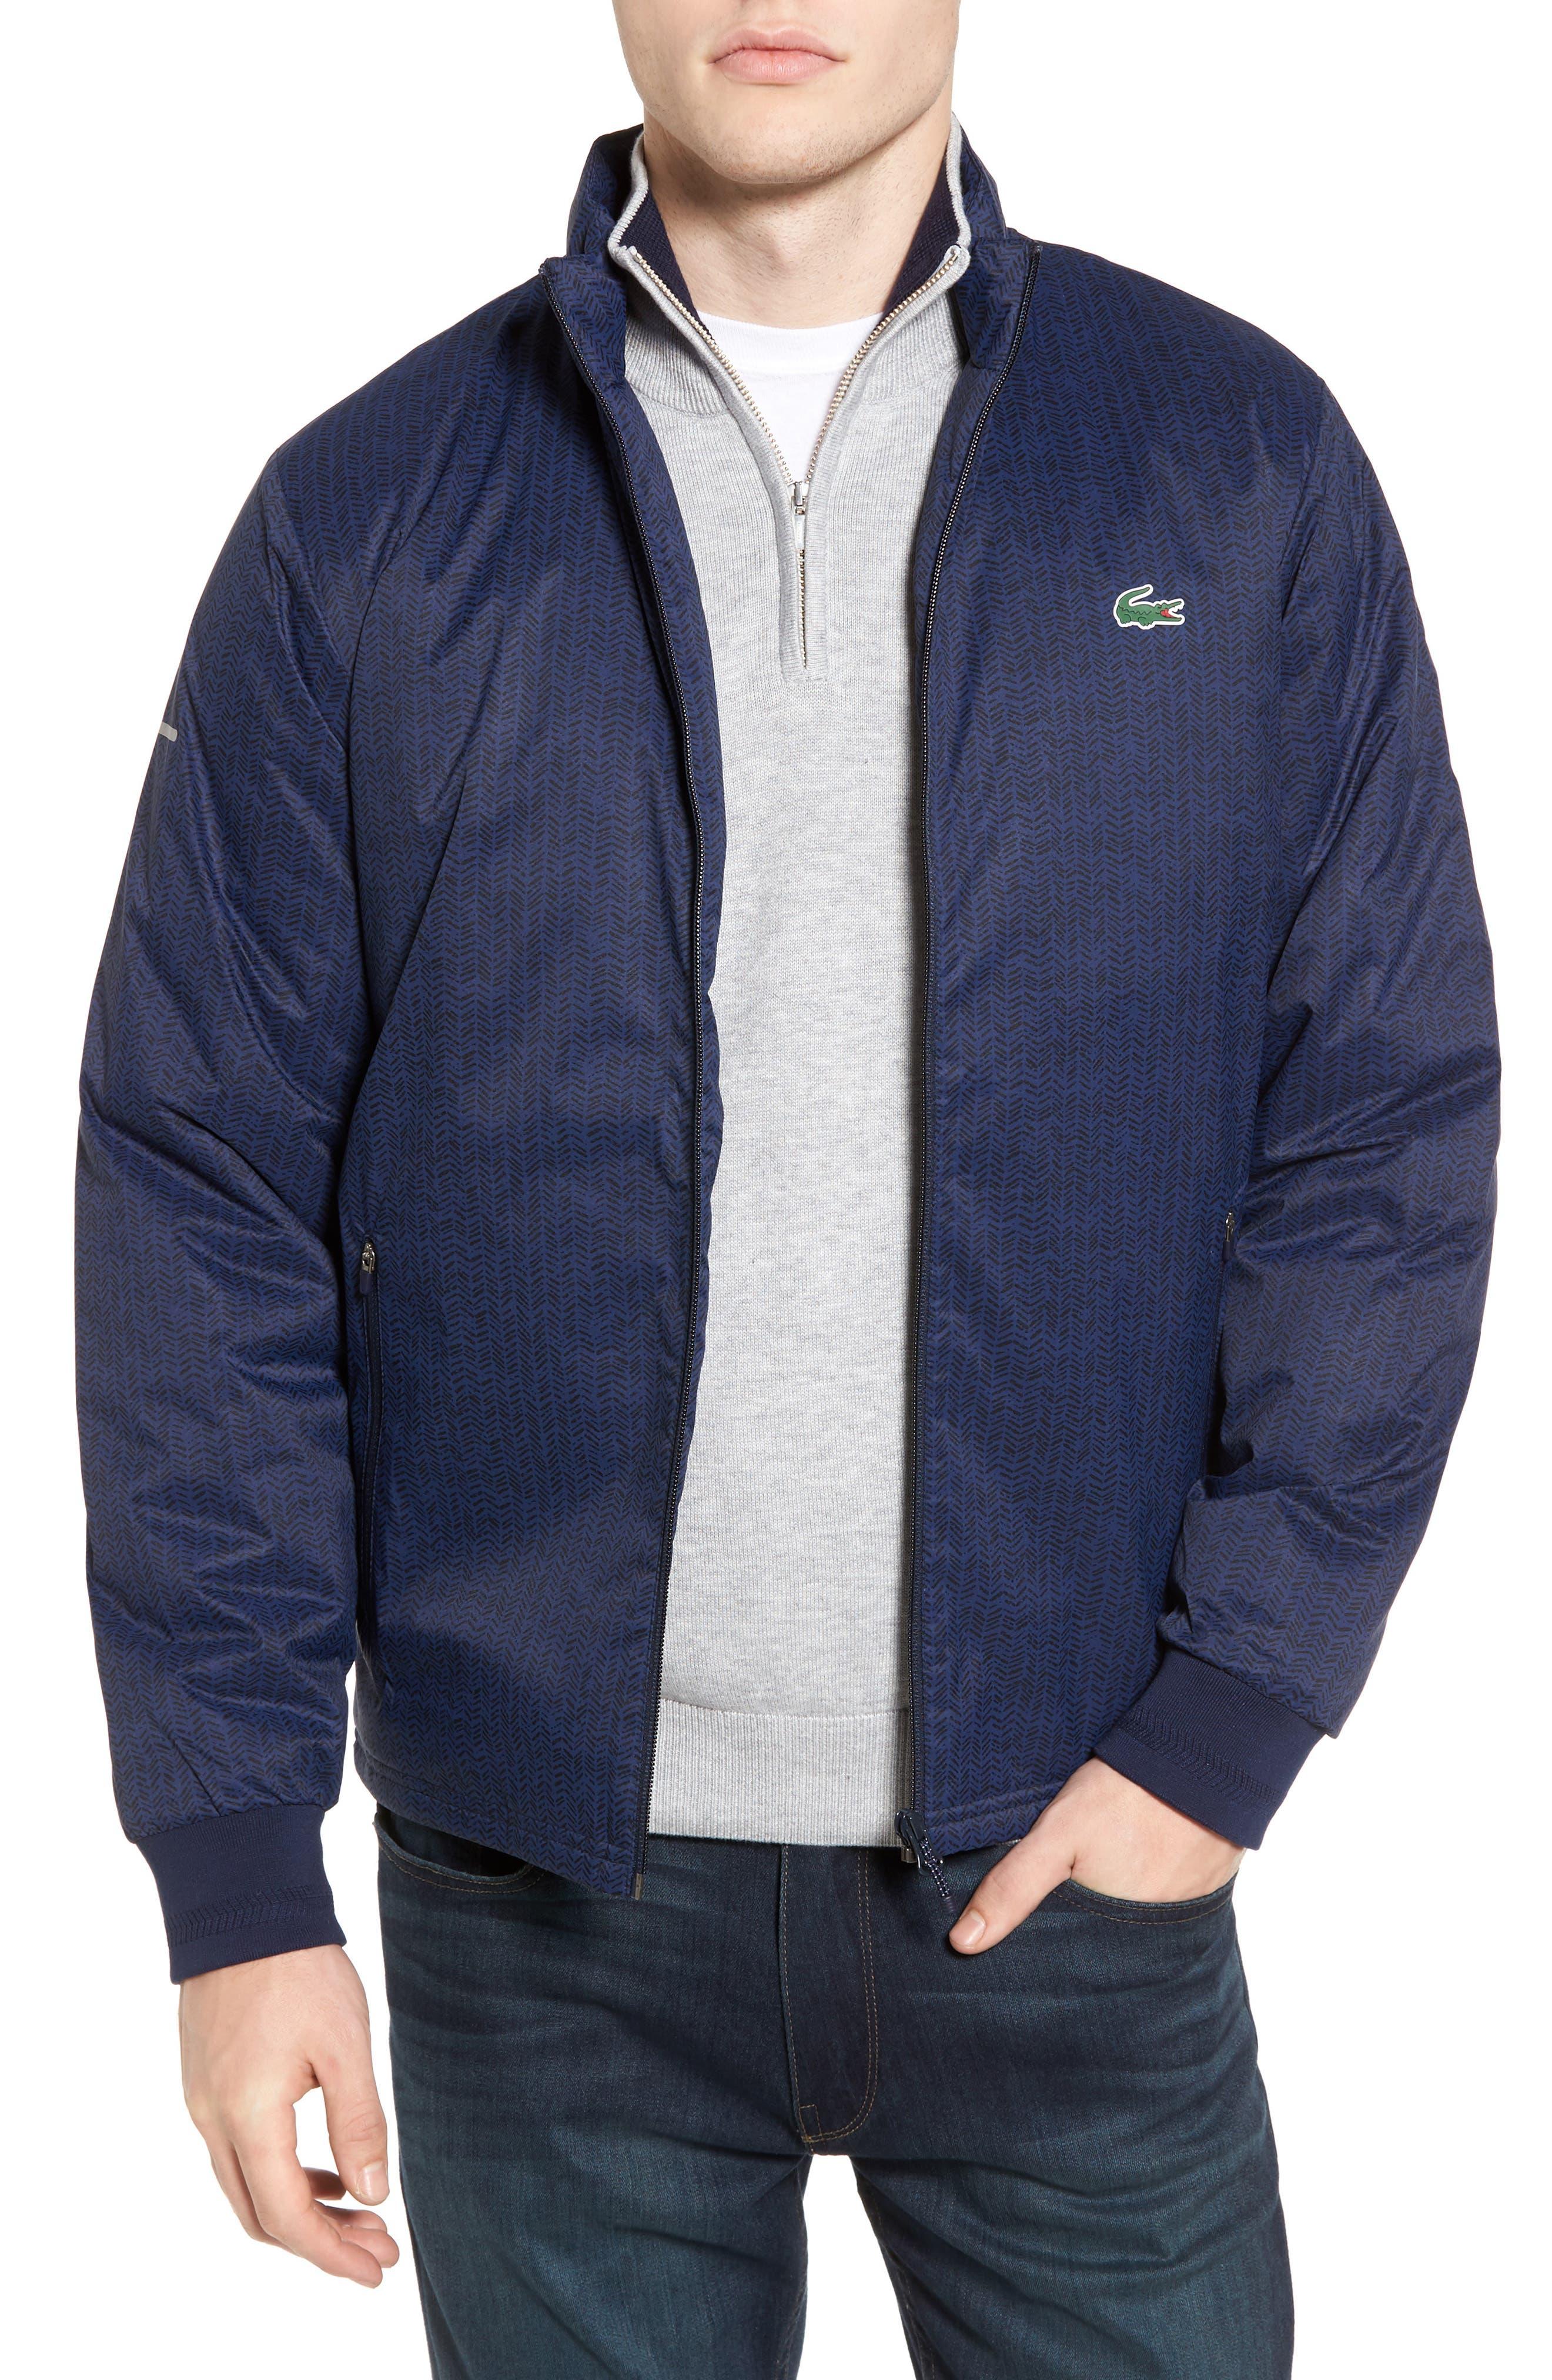 Herringbone Zip-Up Jacket,                         Main,                         color, Navy Blue/ Navy Blue